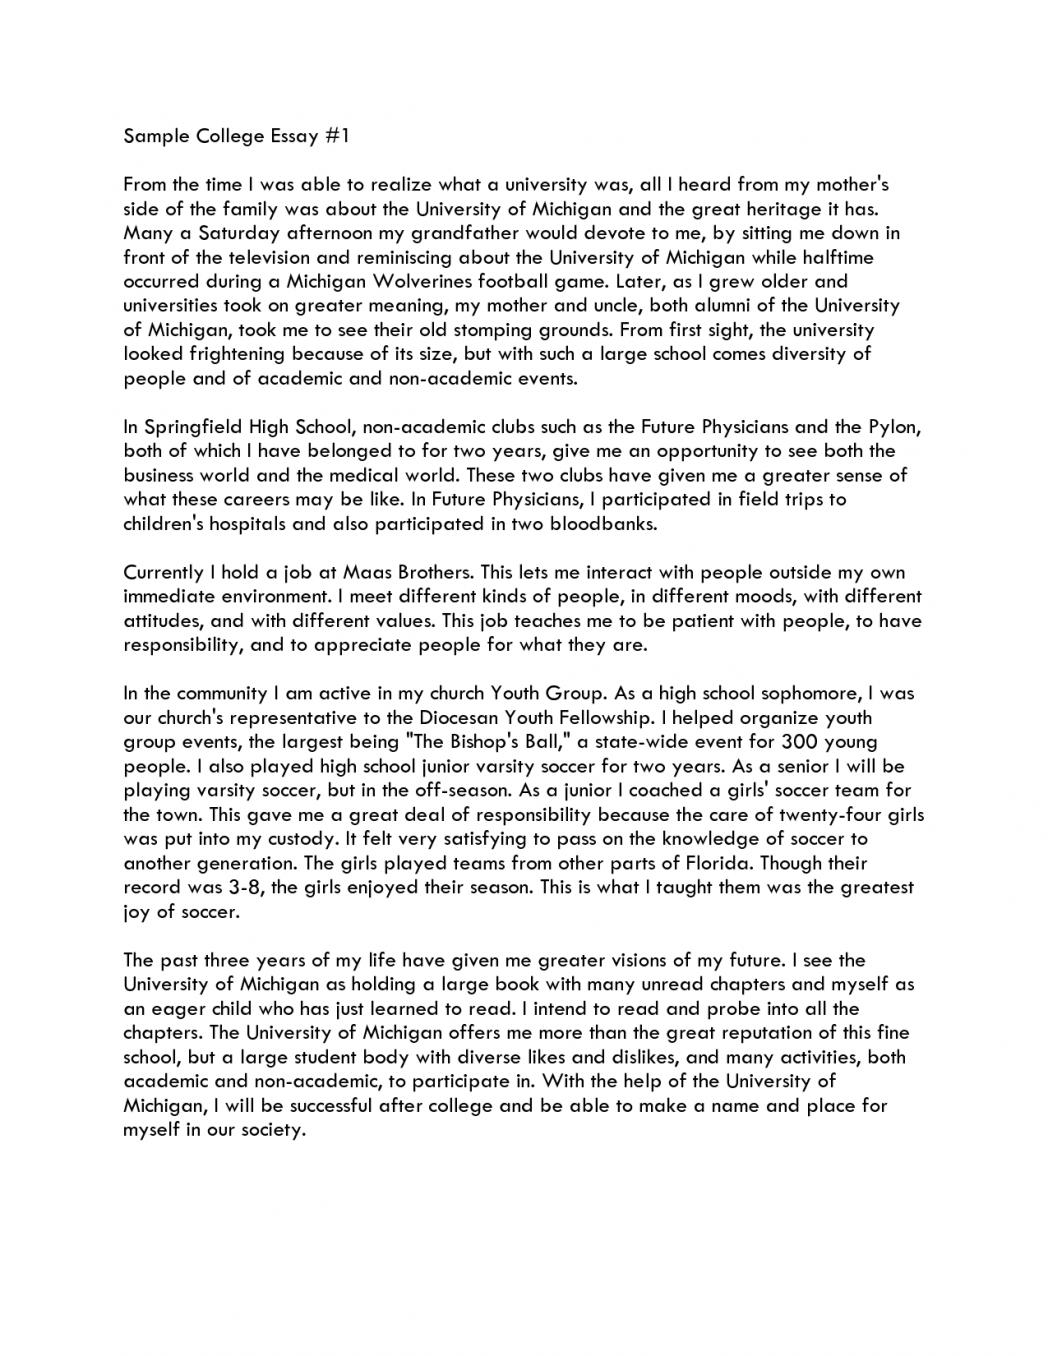 Ucf essay questions